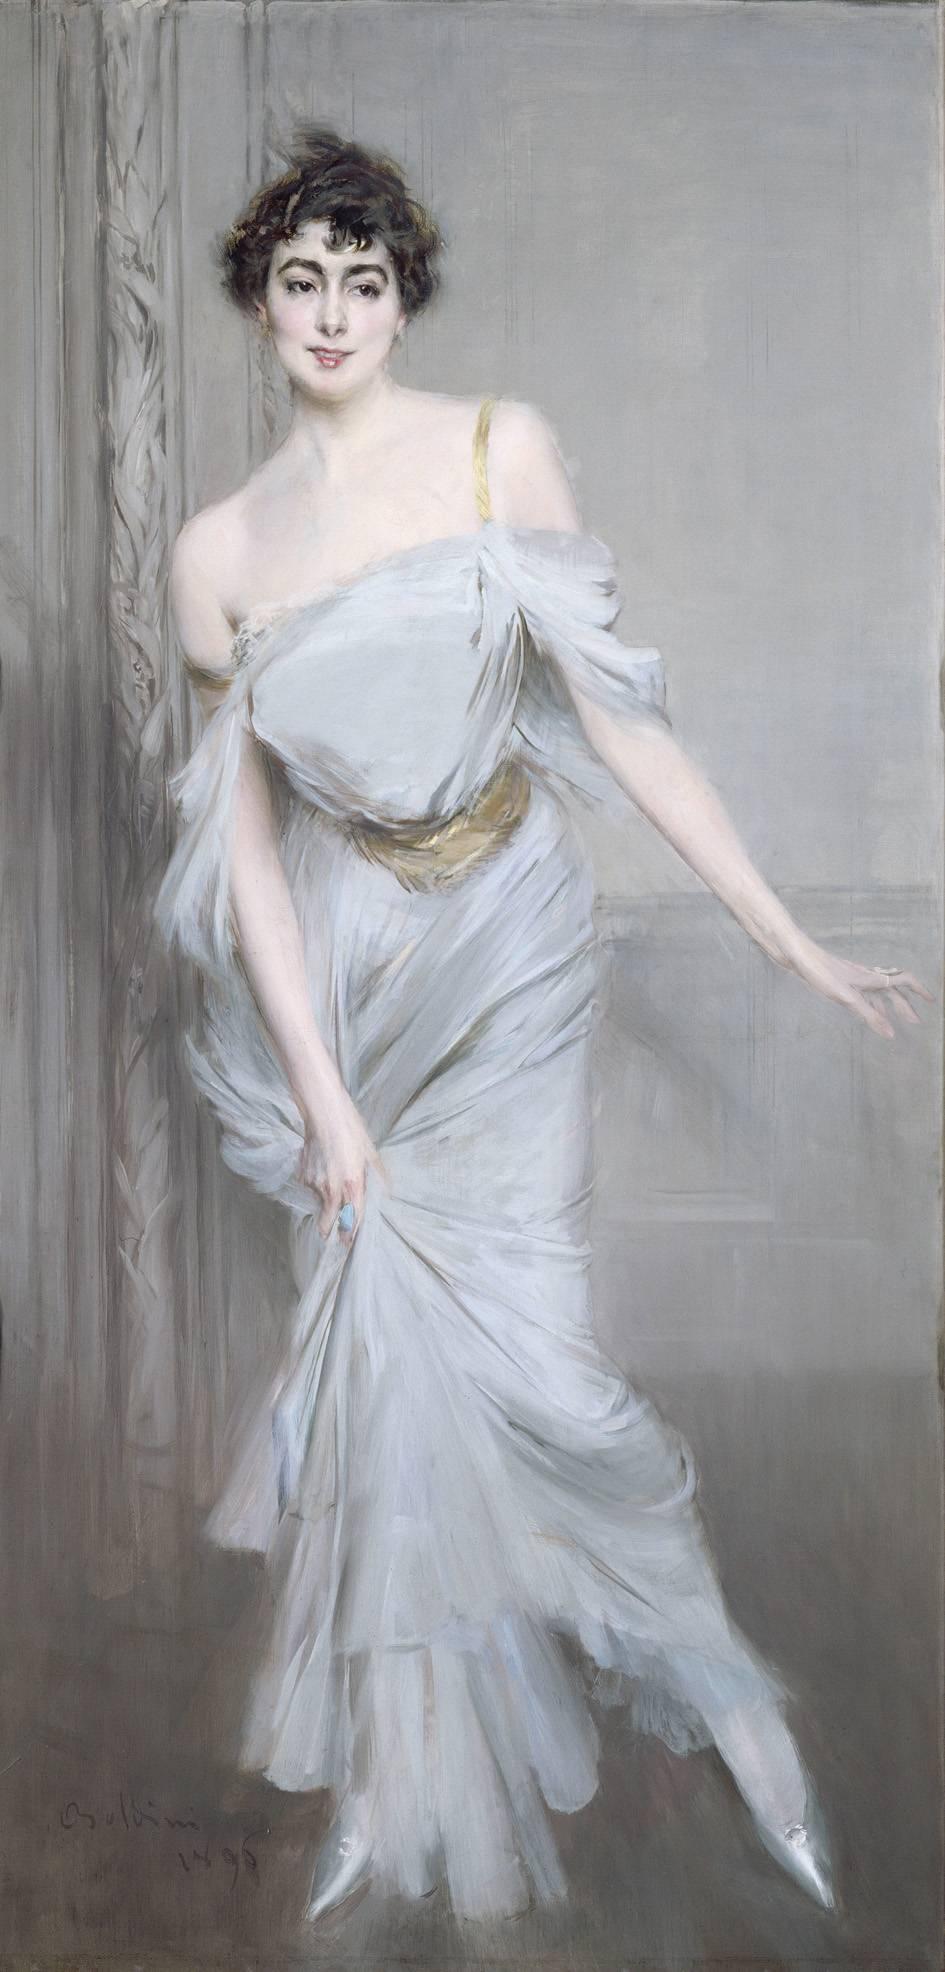 Giovanni Boldini pittore mondano dell'attimo fuggente